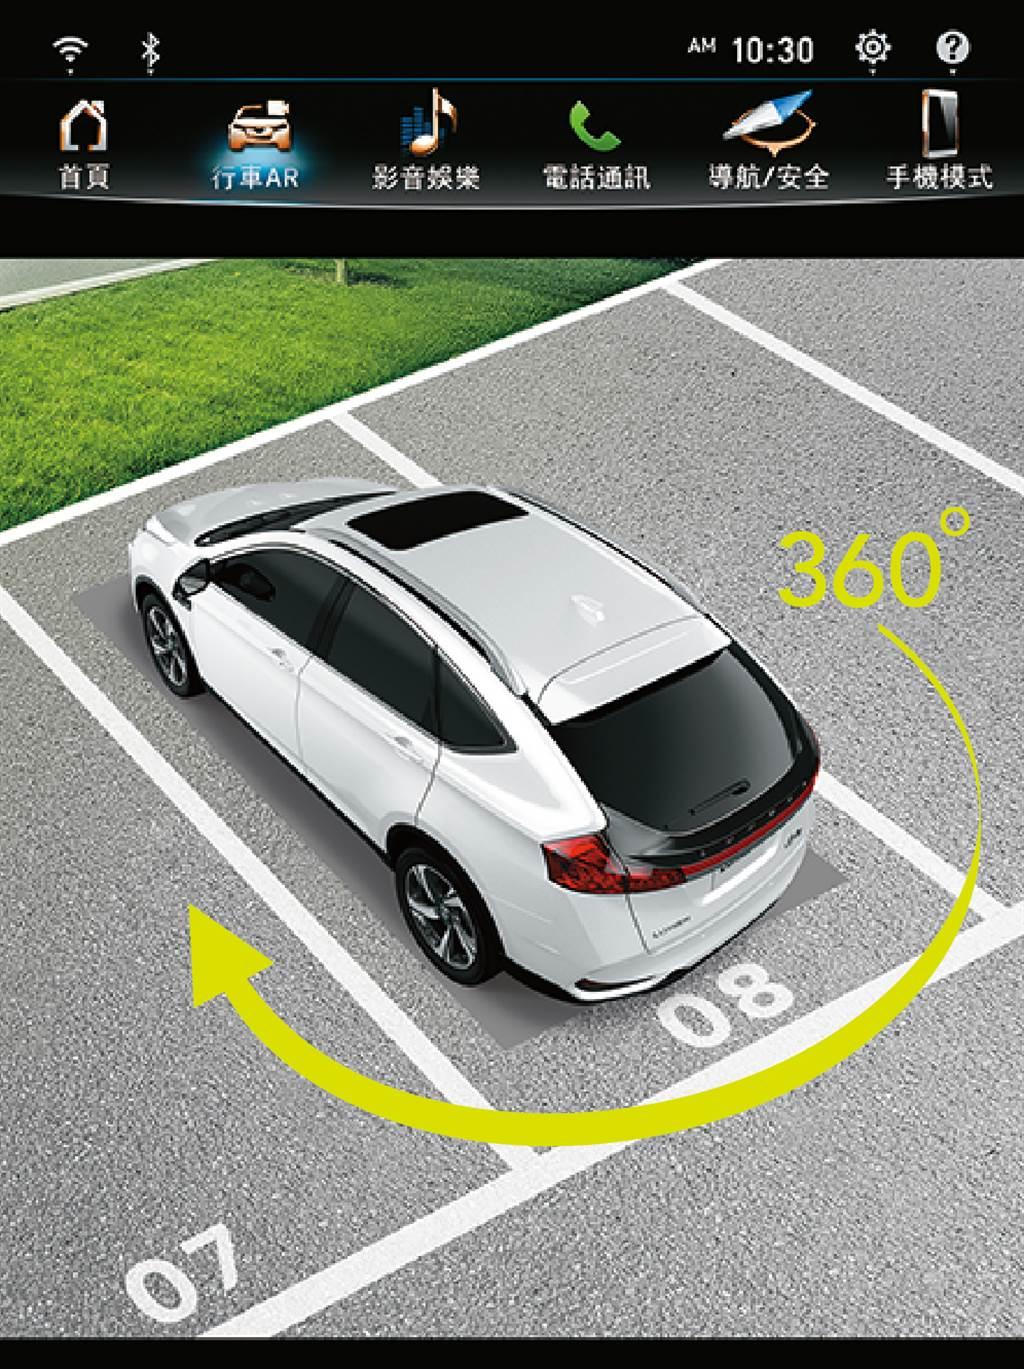 U6 GT AR好行版標配環車AR影像等10萬超值配備。